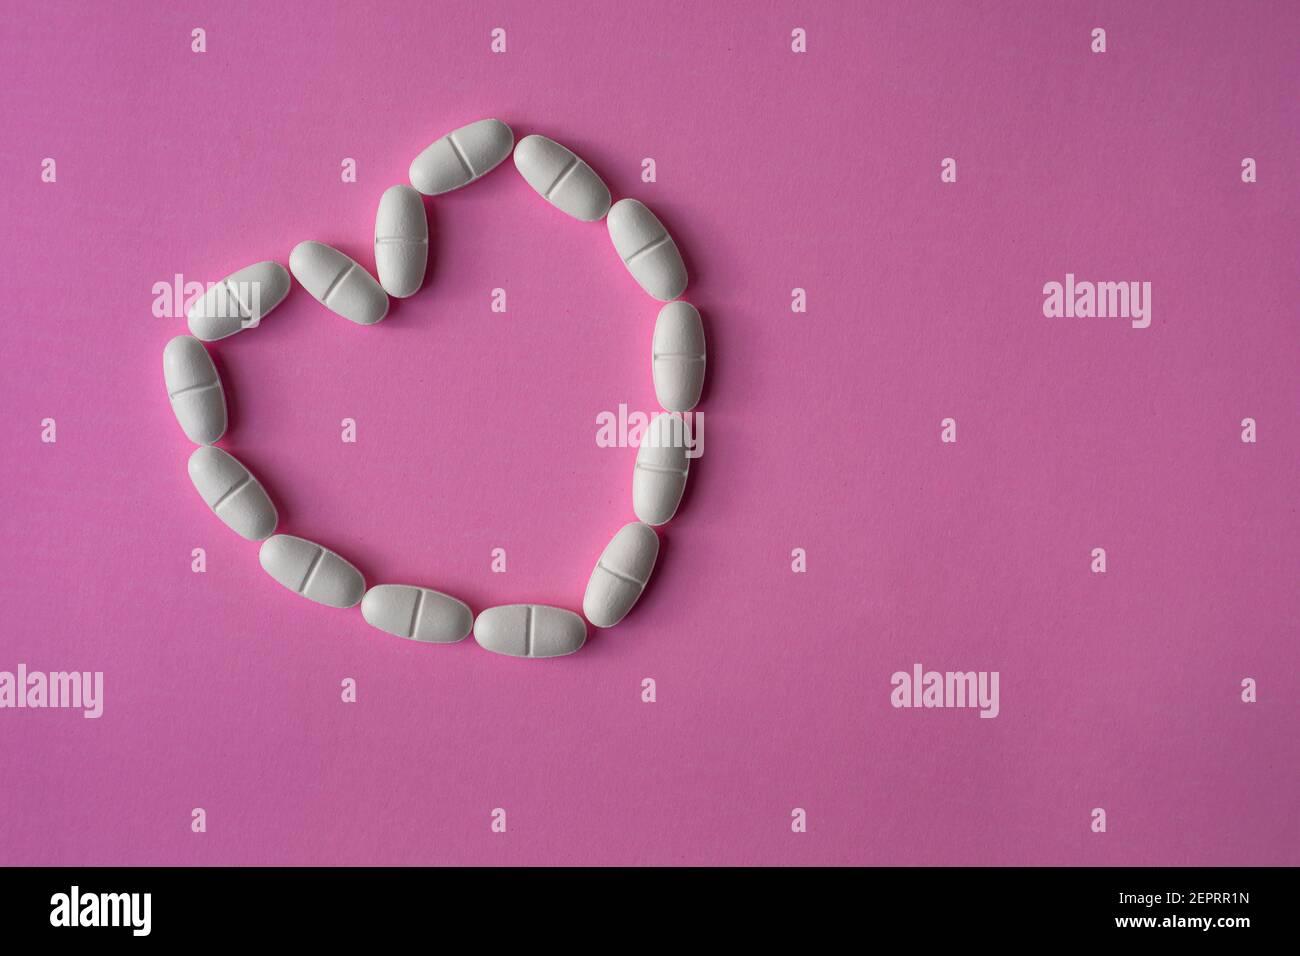 Pastillas o tabletas blancas y grandes, dispuestas en forma de corazón para representar la salud sobre fondo rosa Foto de stock